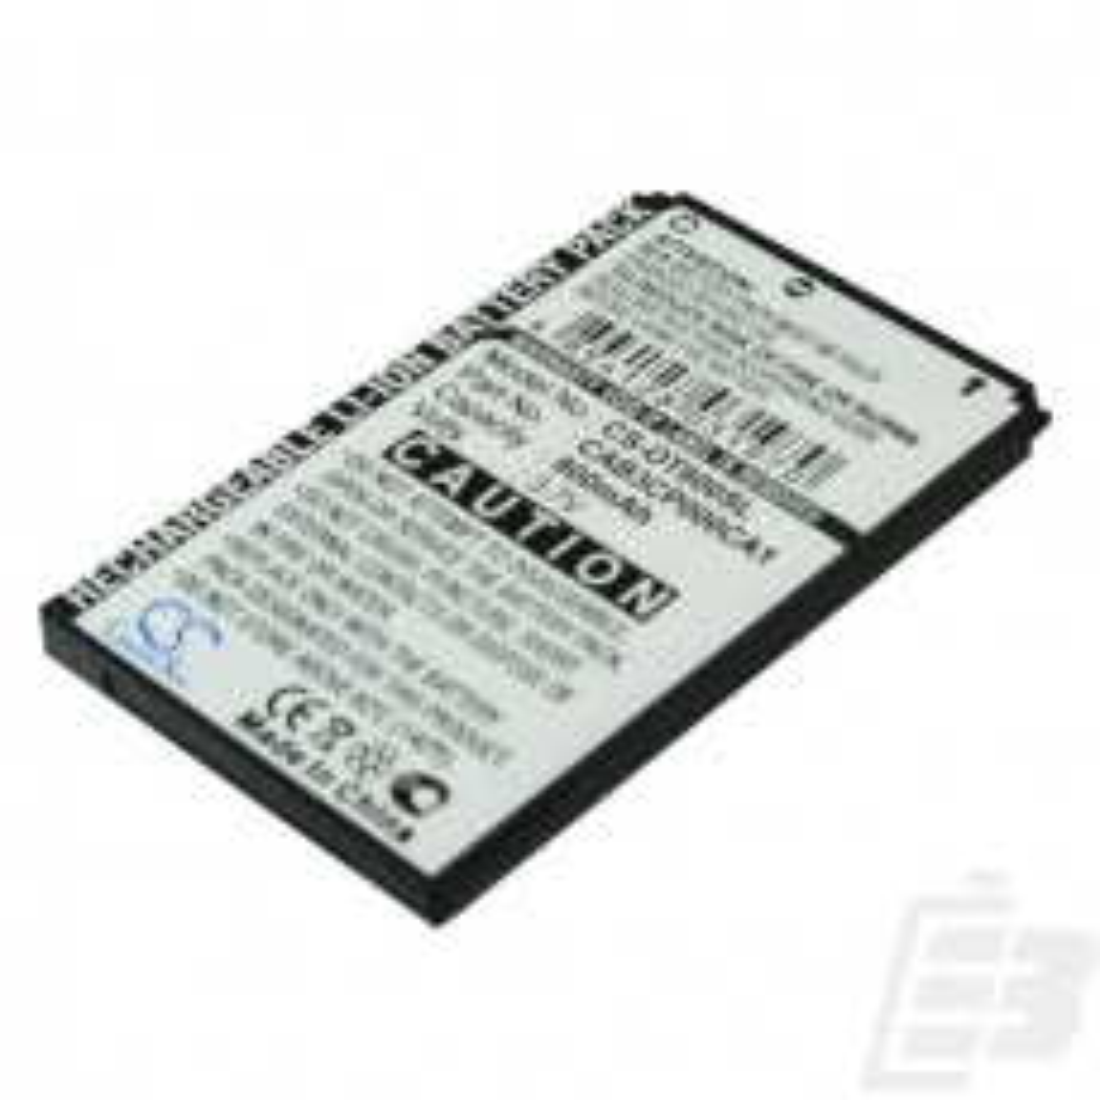 Μπαταρία κινητού τηλεφώνου Alcatel One Touch 800_1